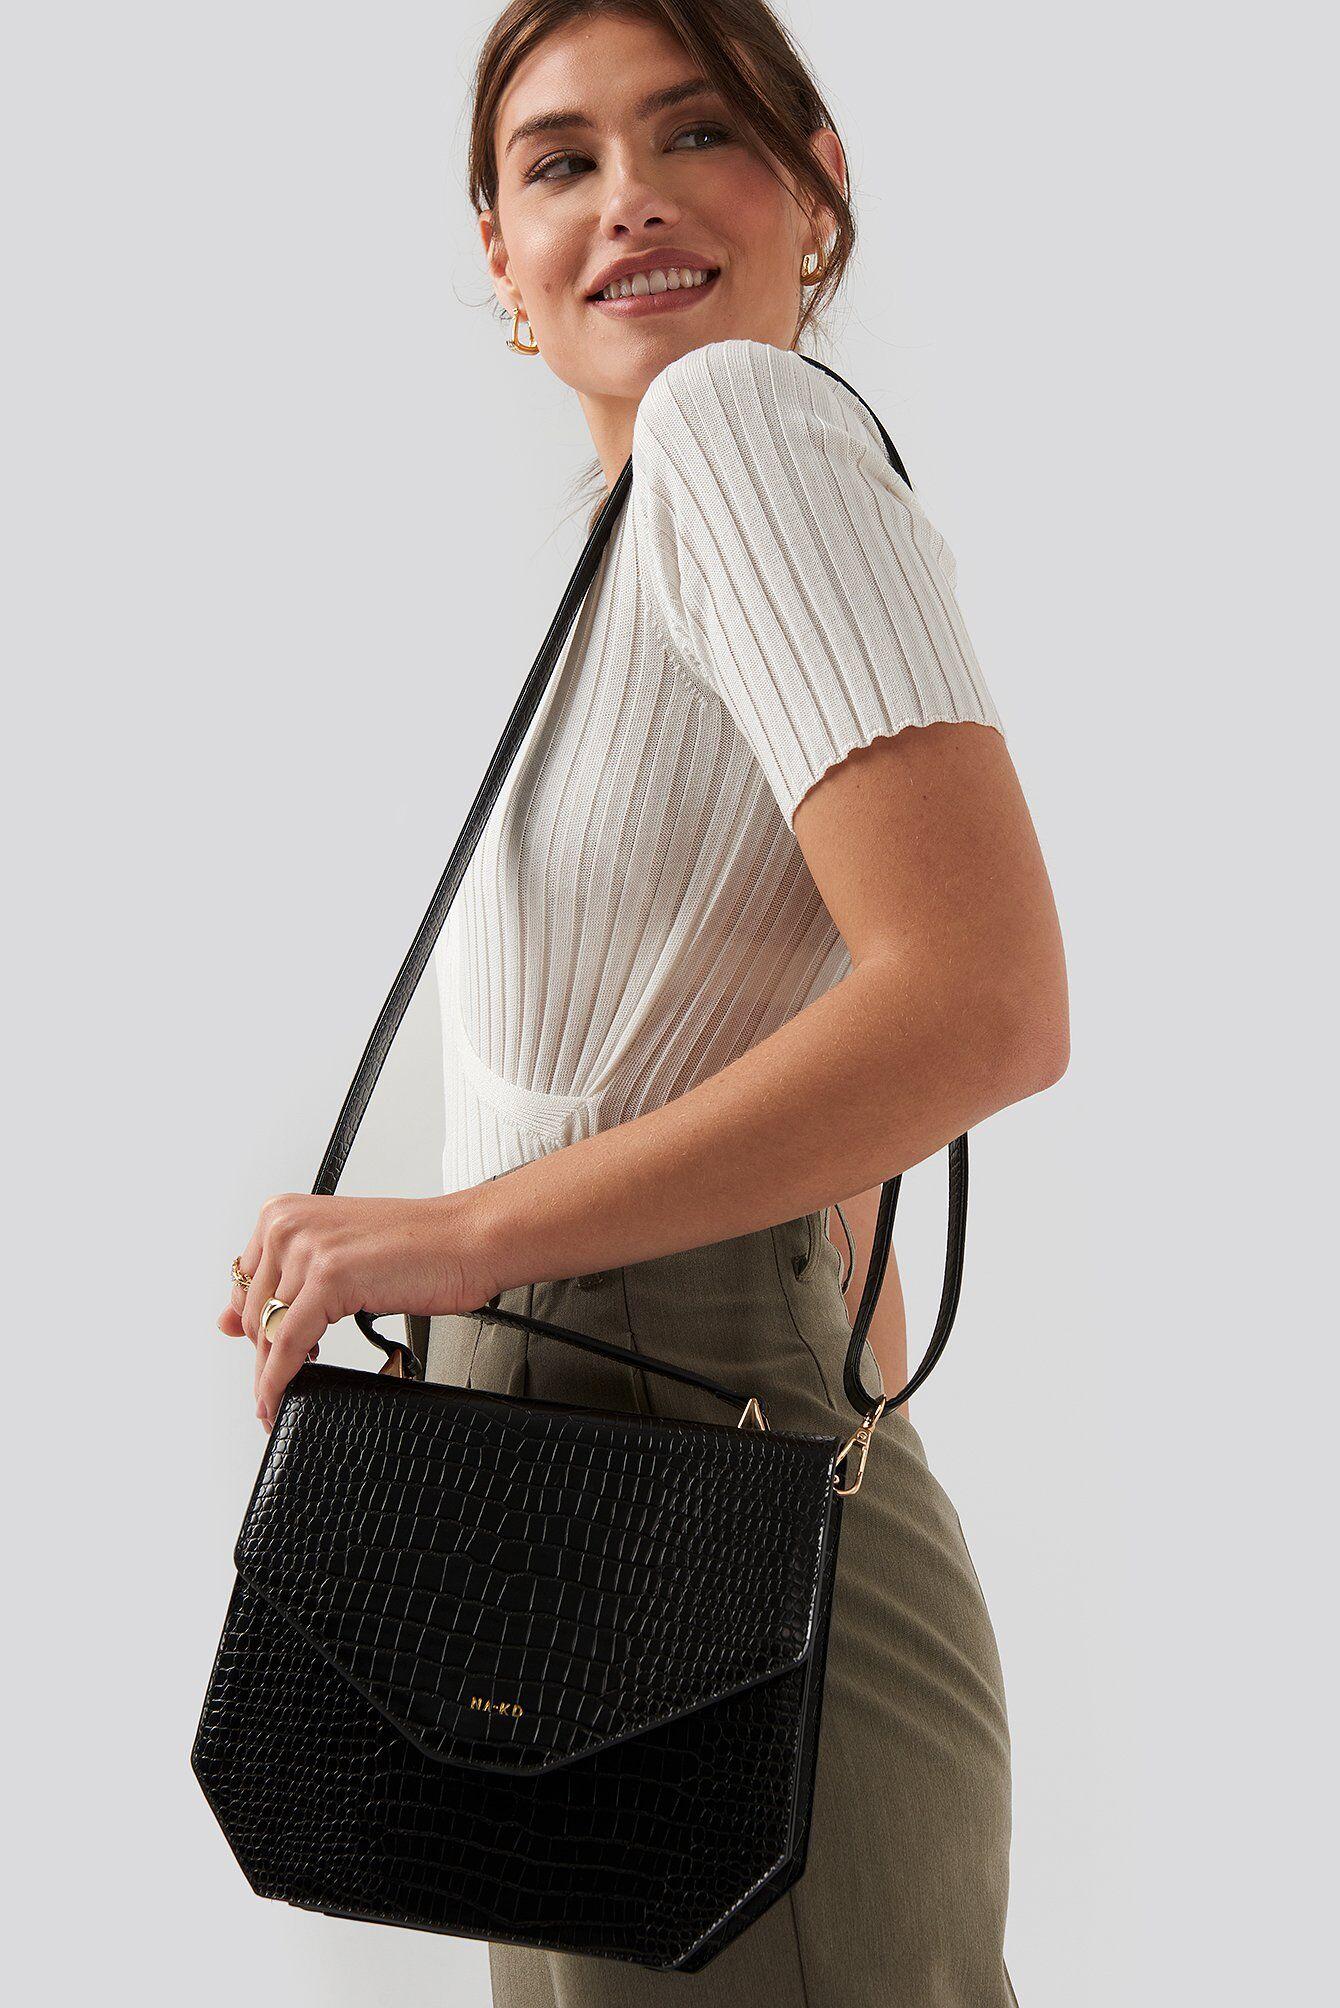 NA-KD Accessories Small Squared Box Bag - Black